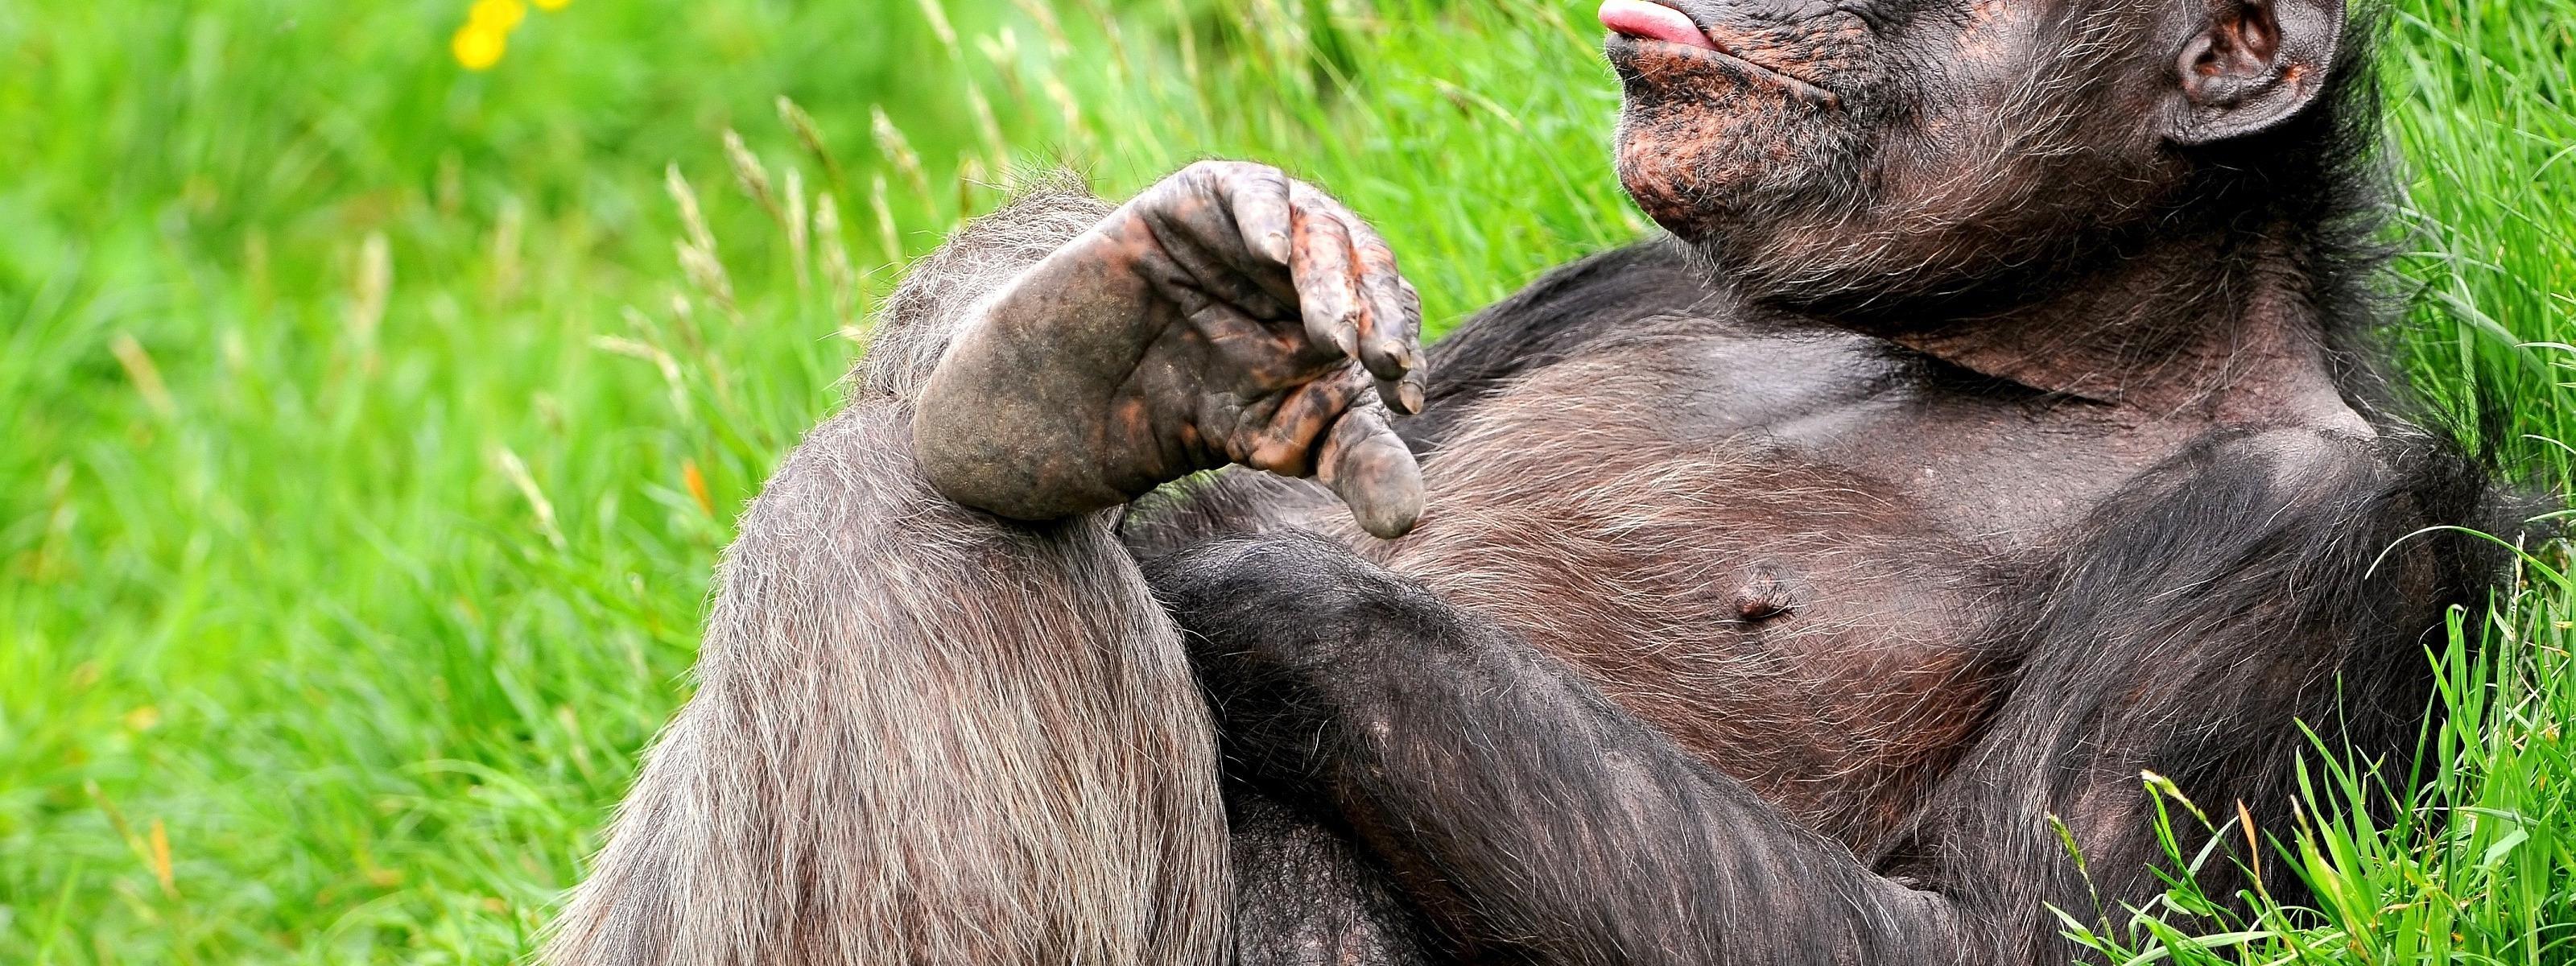 Смешные картинки про животных до слез обезьян